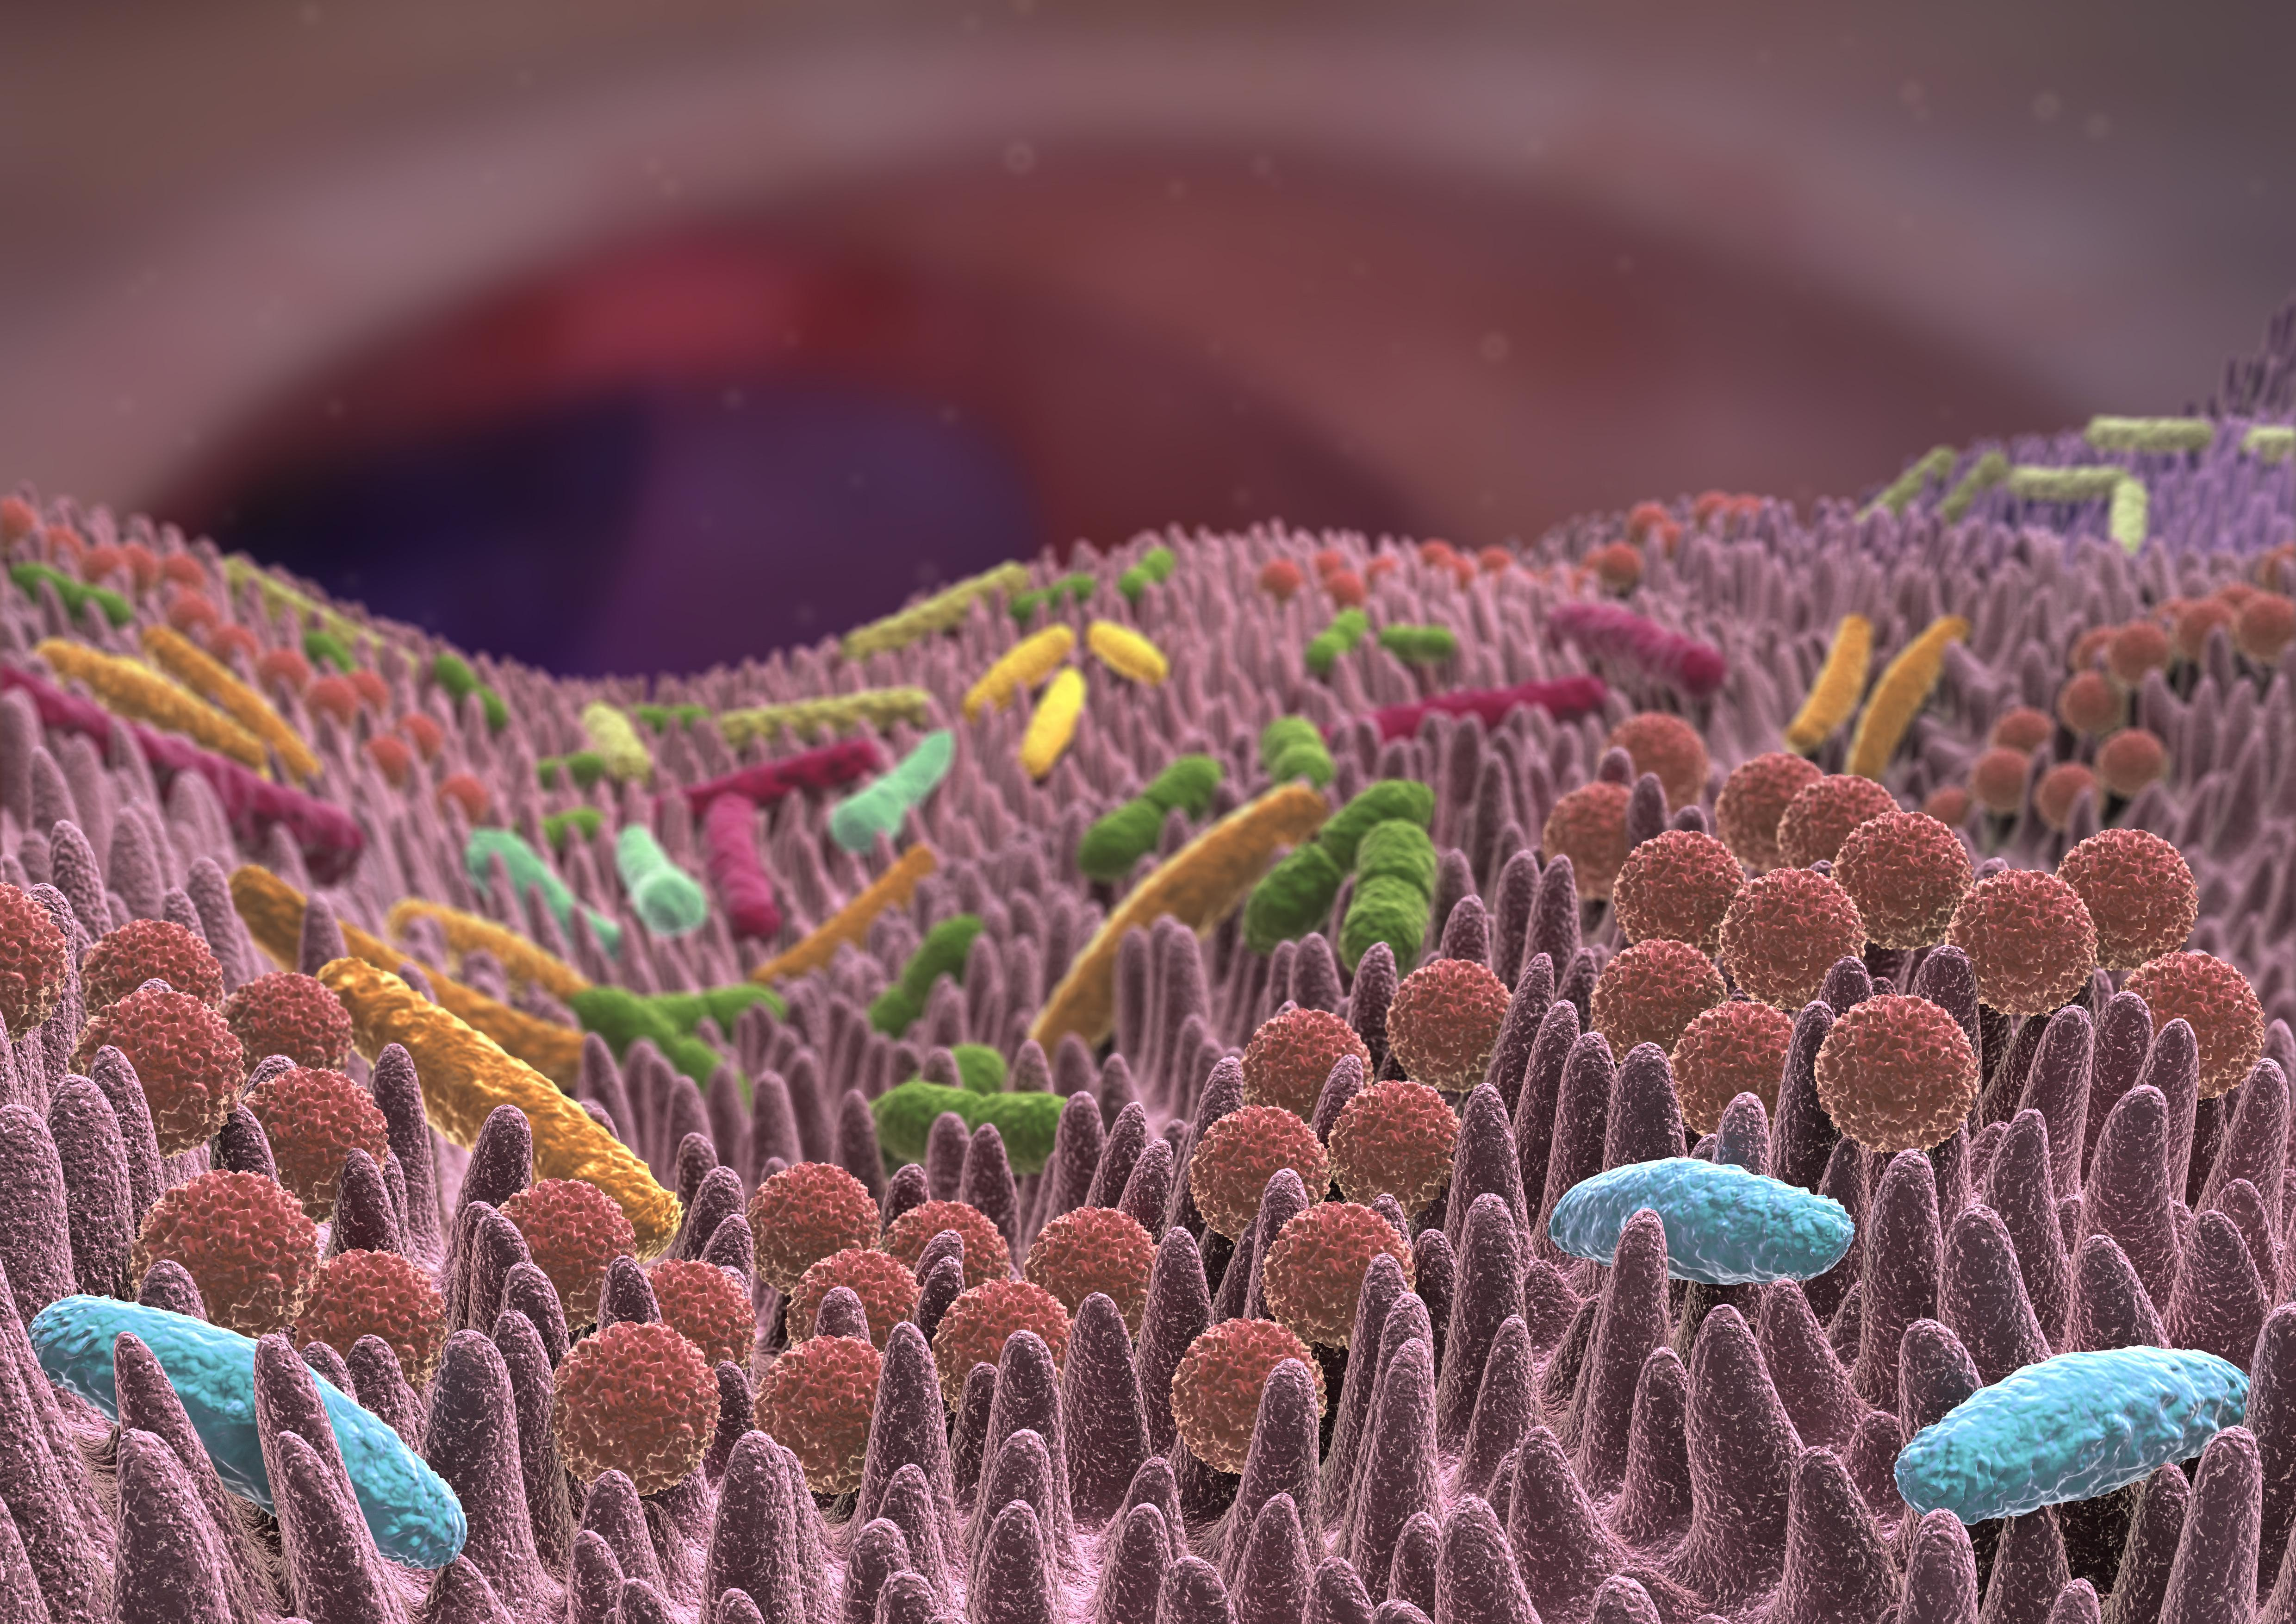 Гистобактериоскопический и бактериологический методы исследования колонобиоптатов и характеристика пристеночной микрофлоры, как показатель биоценоза толстой кишки